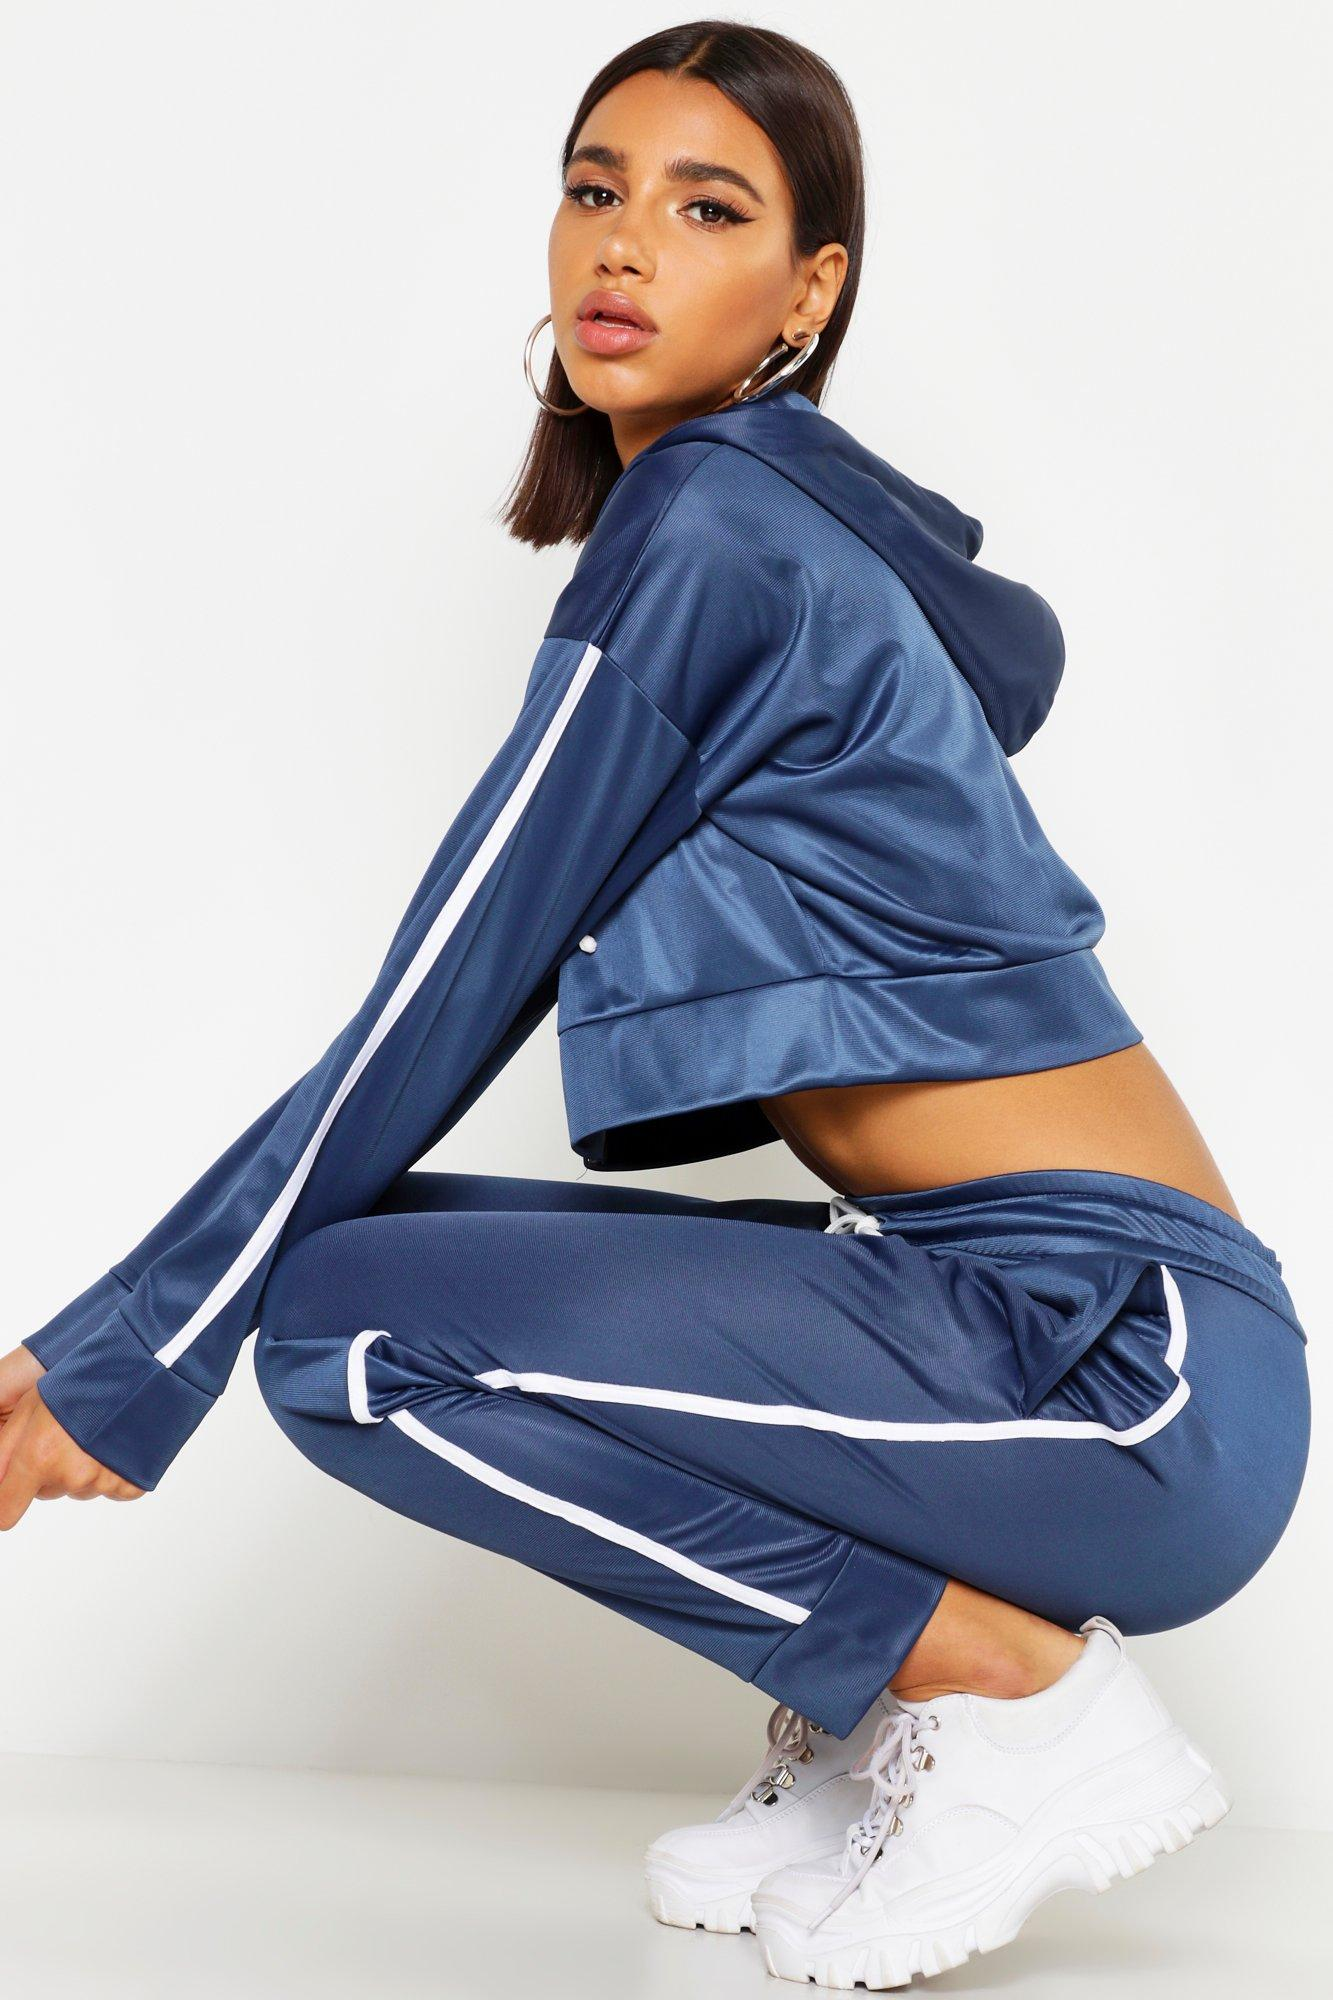 Womens Kurzer Trikot-Trainingsanzug mit Kapuze, durchgängigem Reißverschluss und seitlichen Streifen - Schiefergrau - 42, Schiefergrau - Boohoo.com